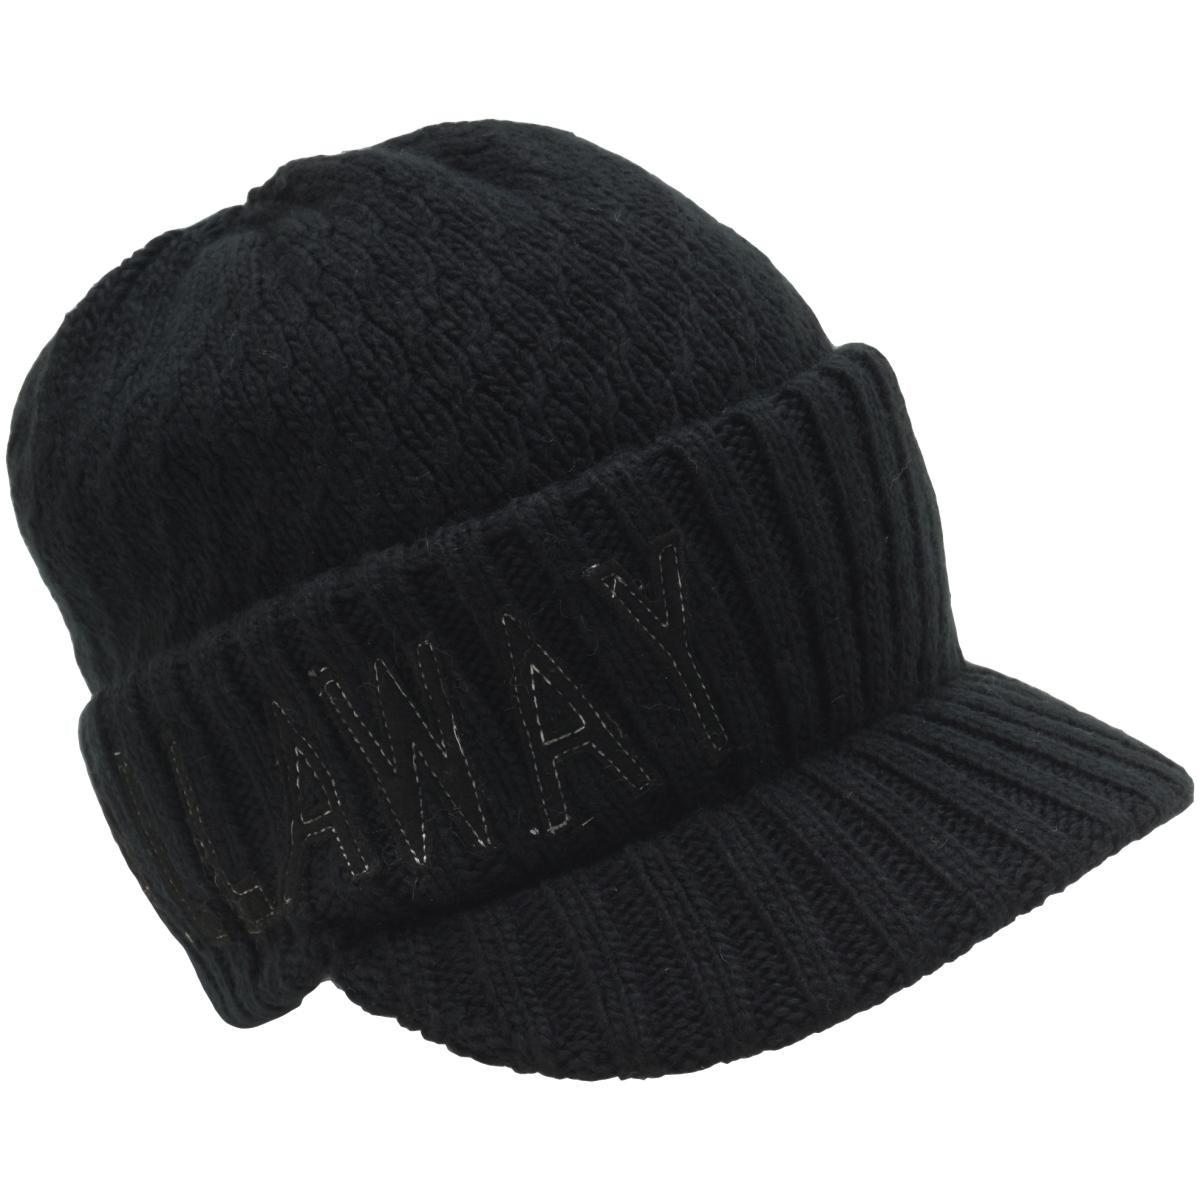 [2020年モデル] キャロウェイゴルフ Callaway Golf ビッグロゴつば付きニットキャップ ブラック 010 メンズ ゴルフウェア 帽子